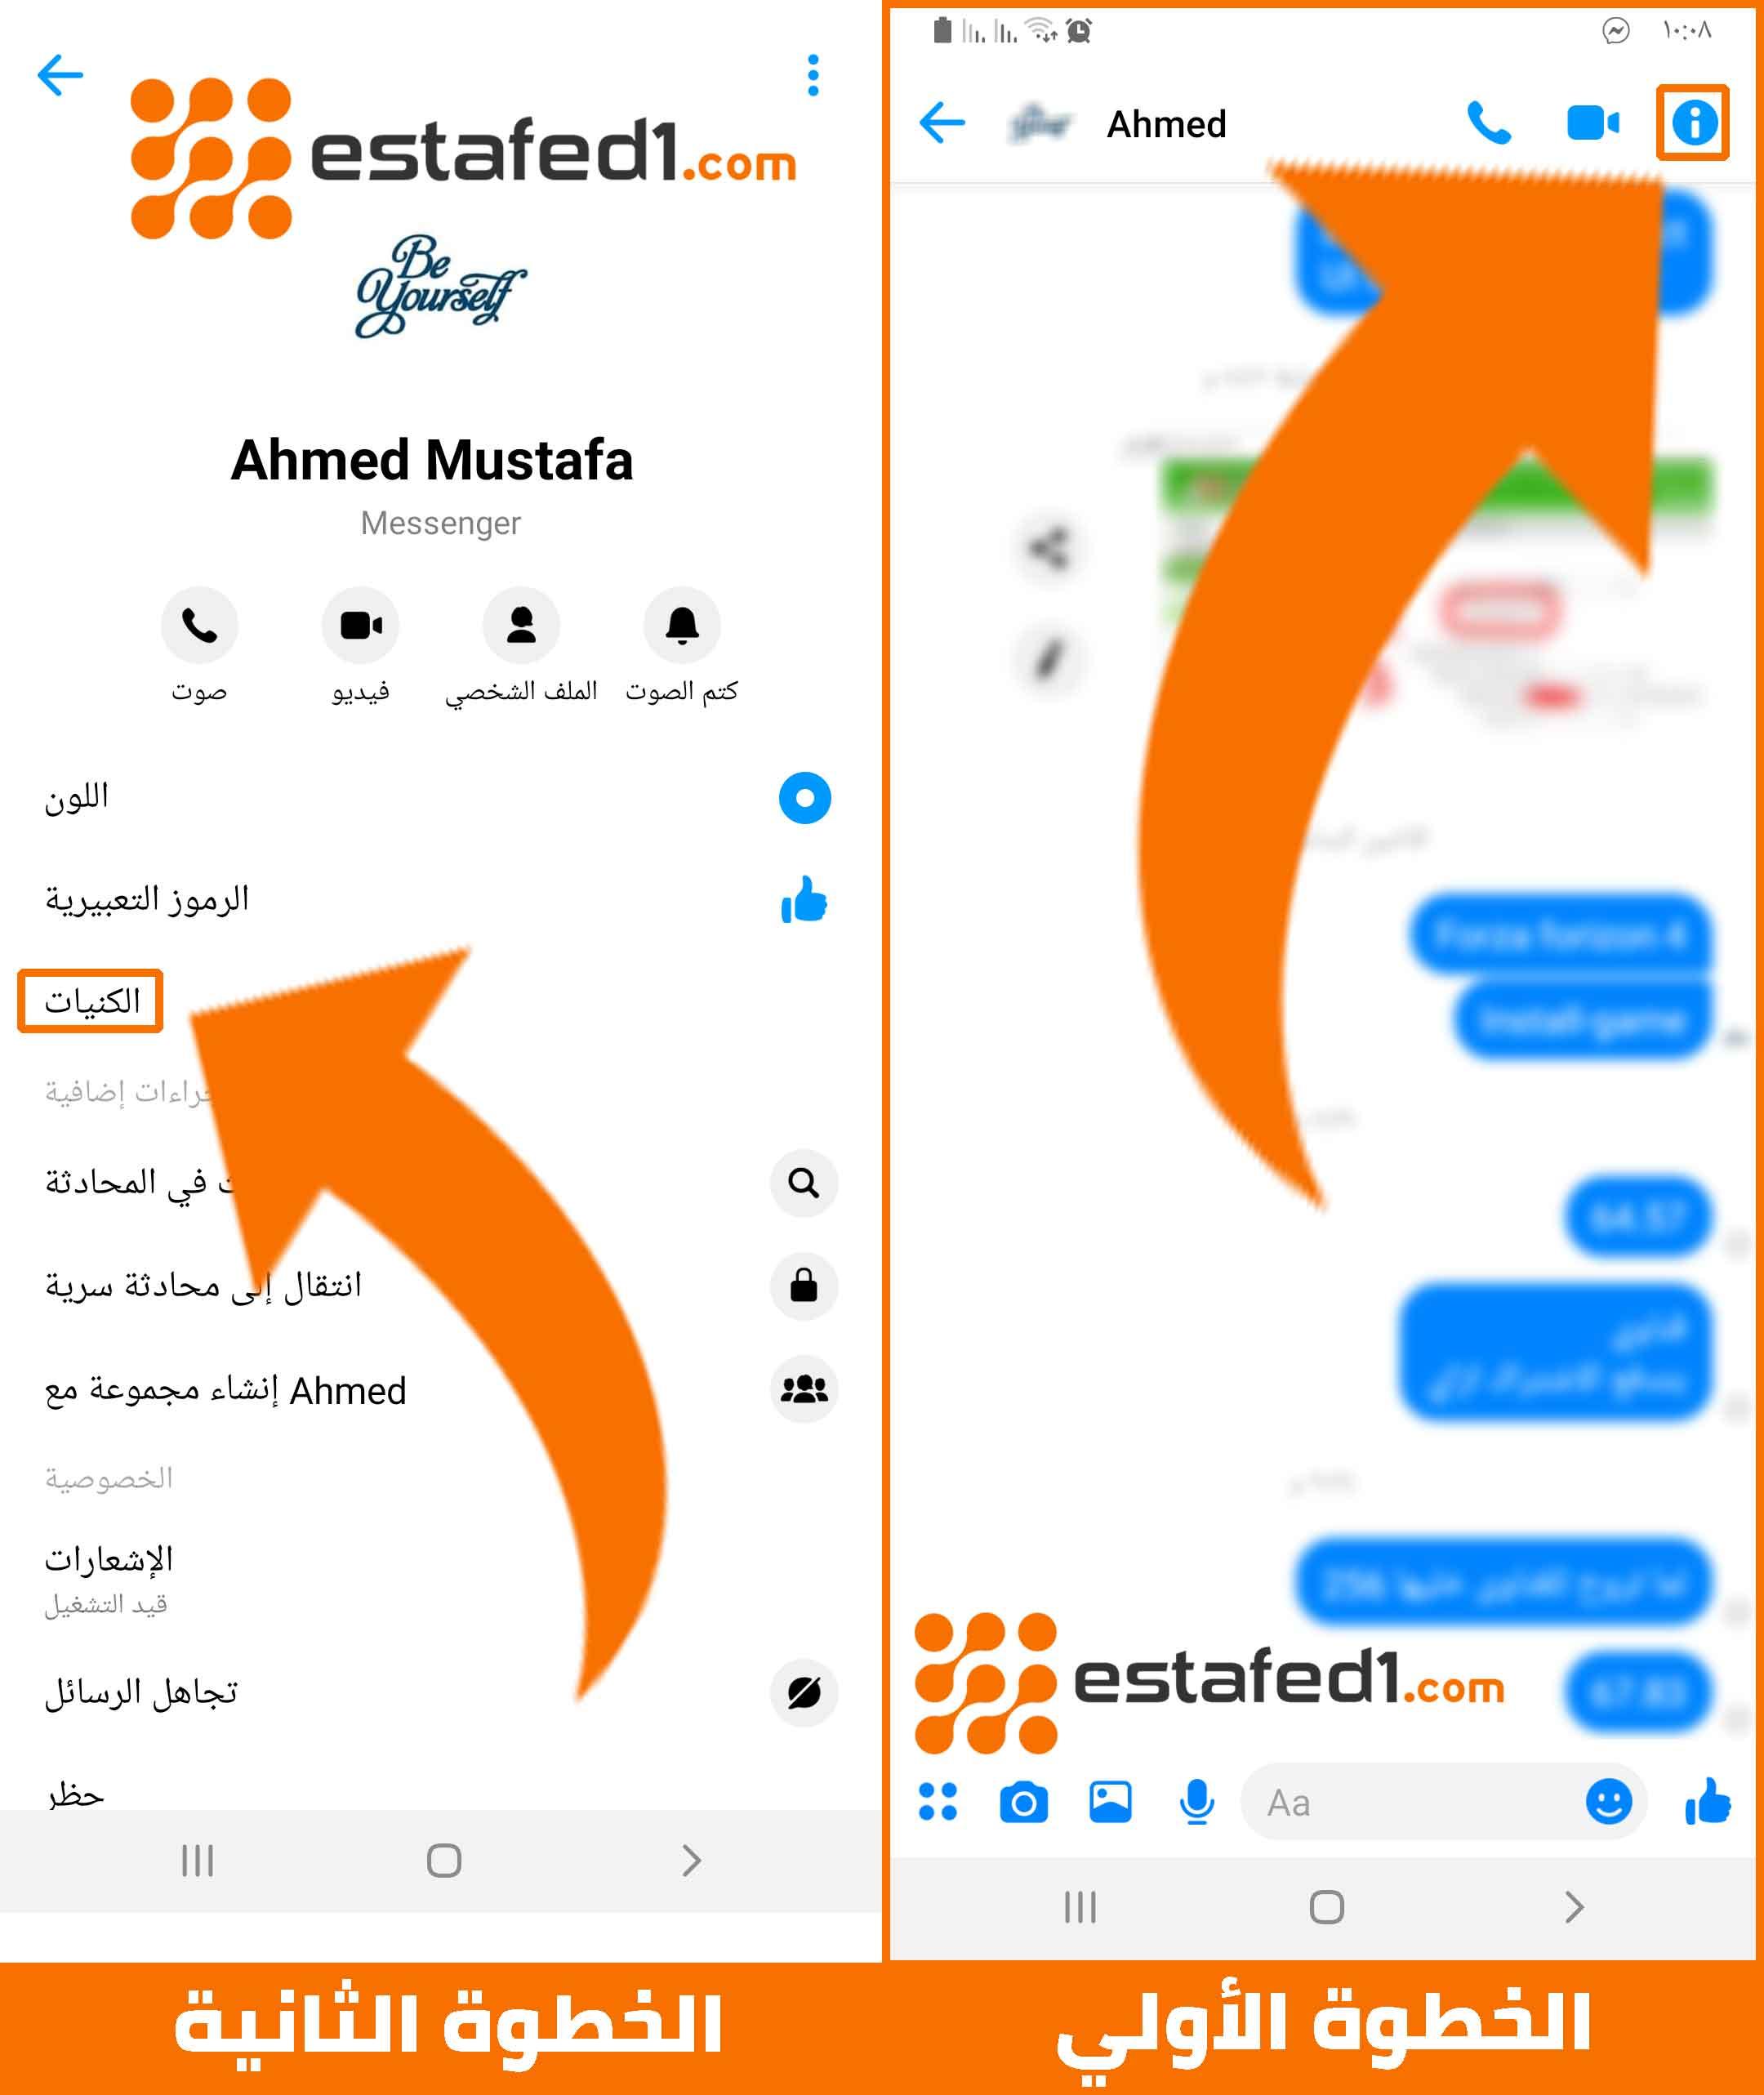 إضافة أسماء مستعارة لأصدقائك أو إضافة ألقاب messenger